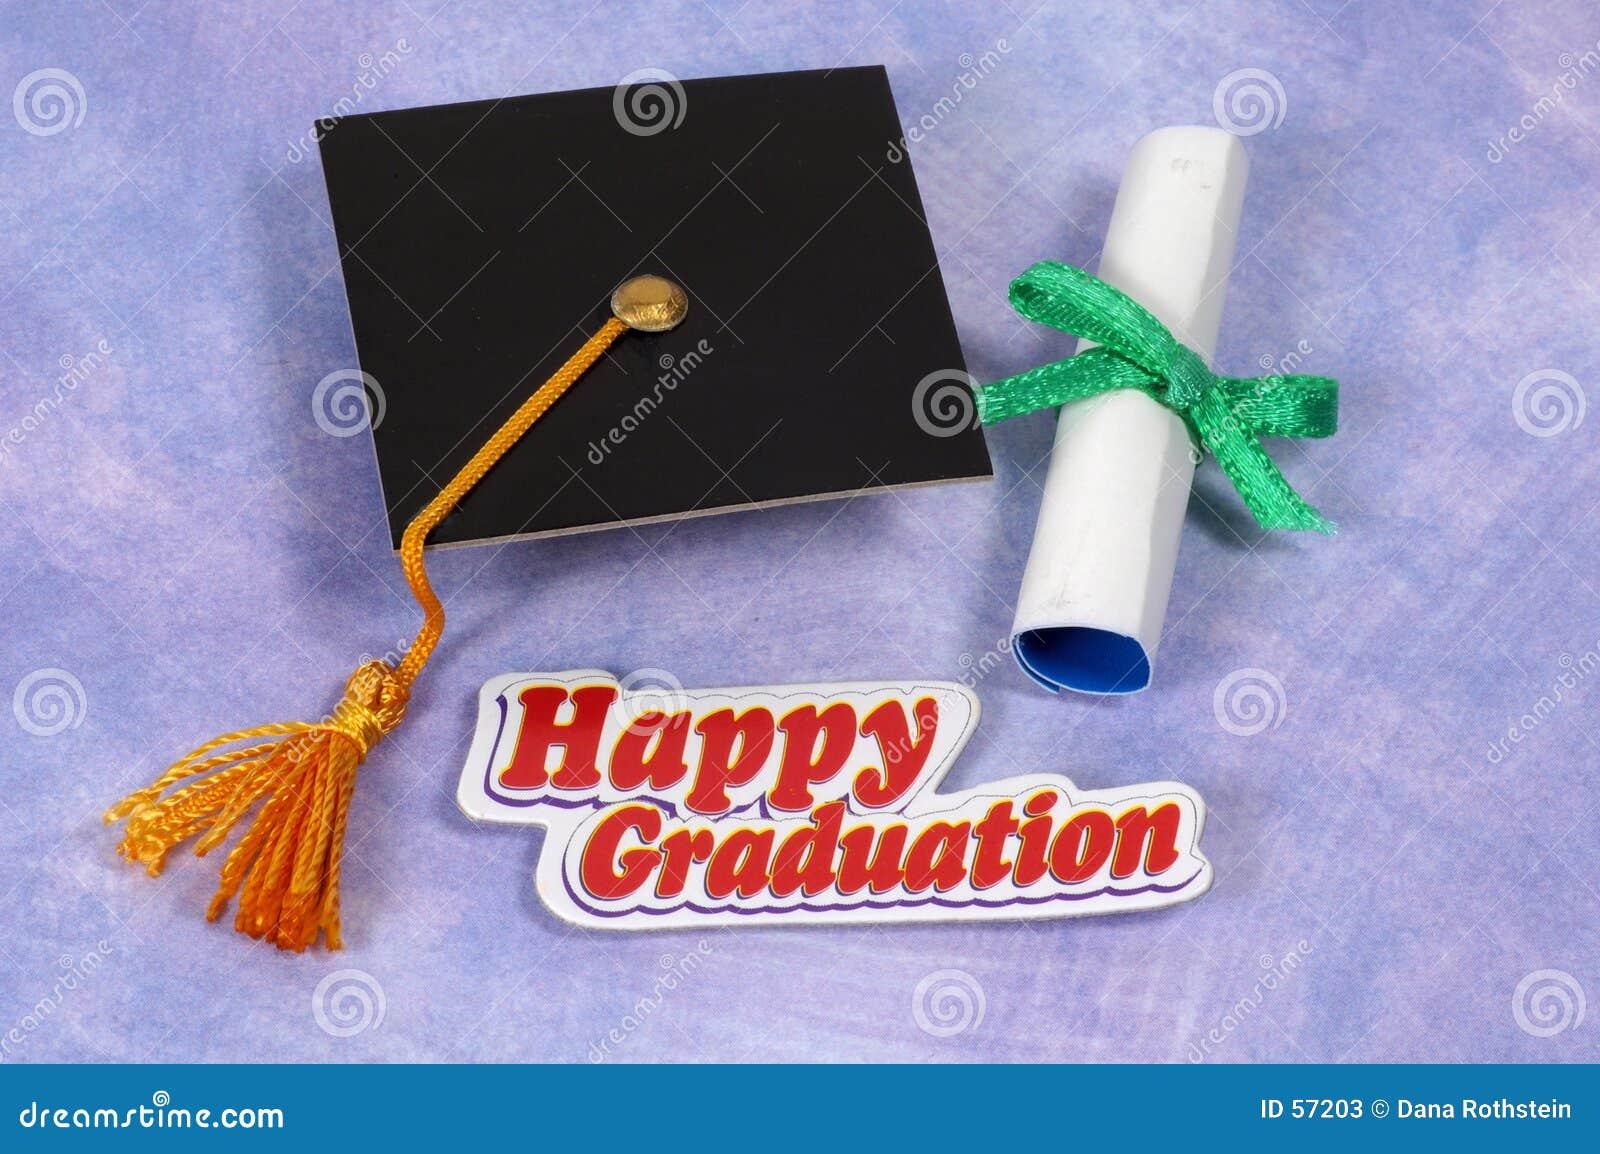 Happy Graduation Clip Art